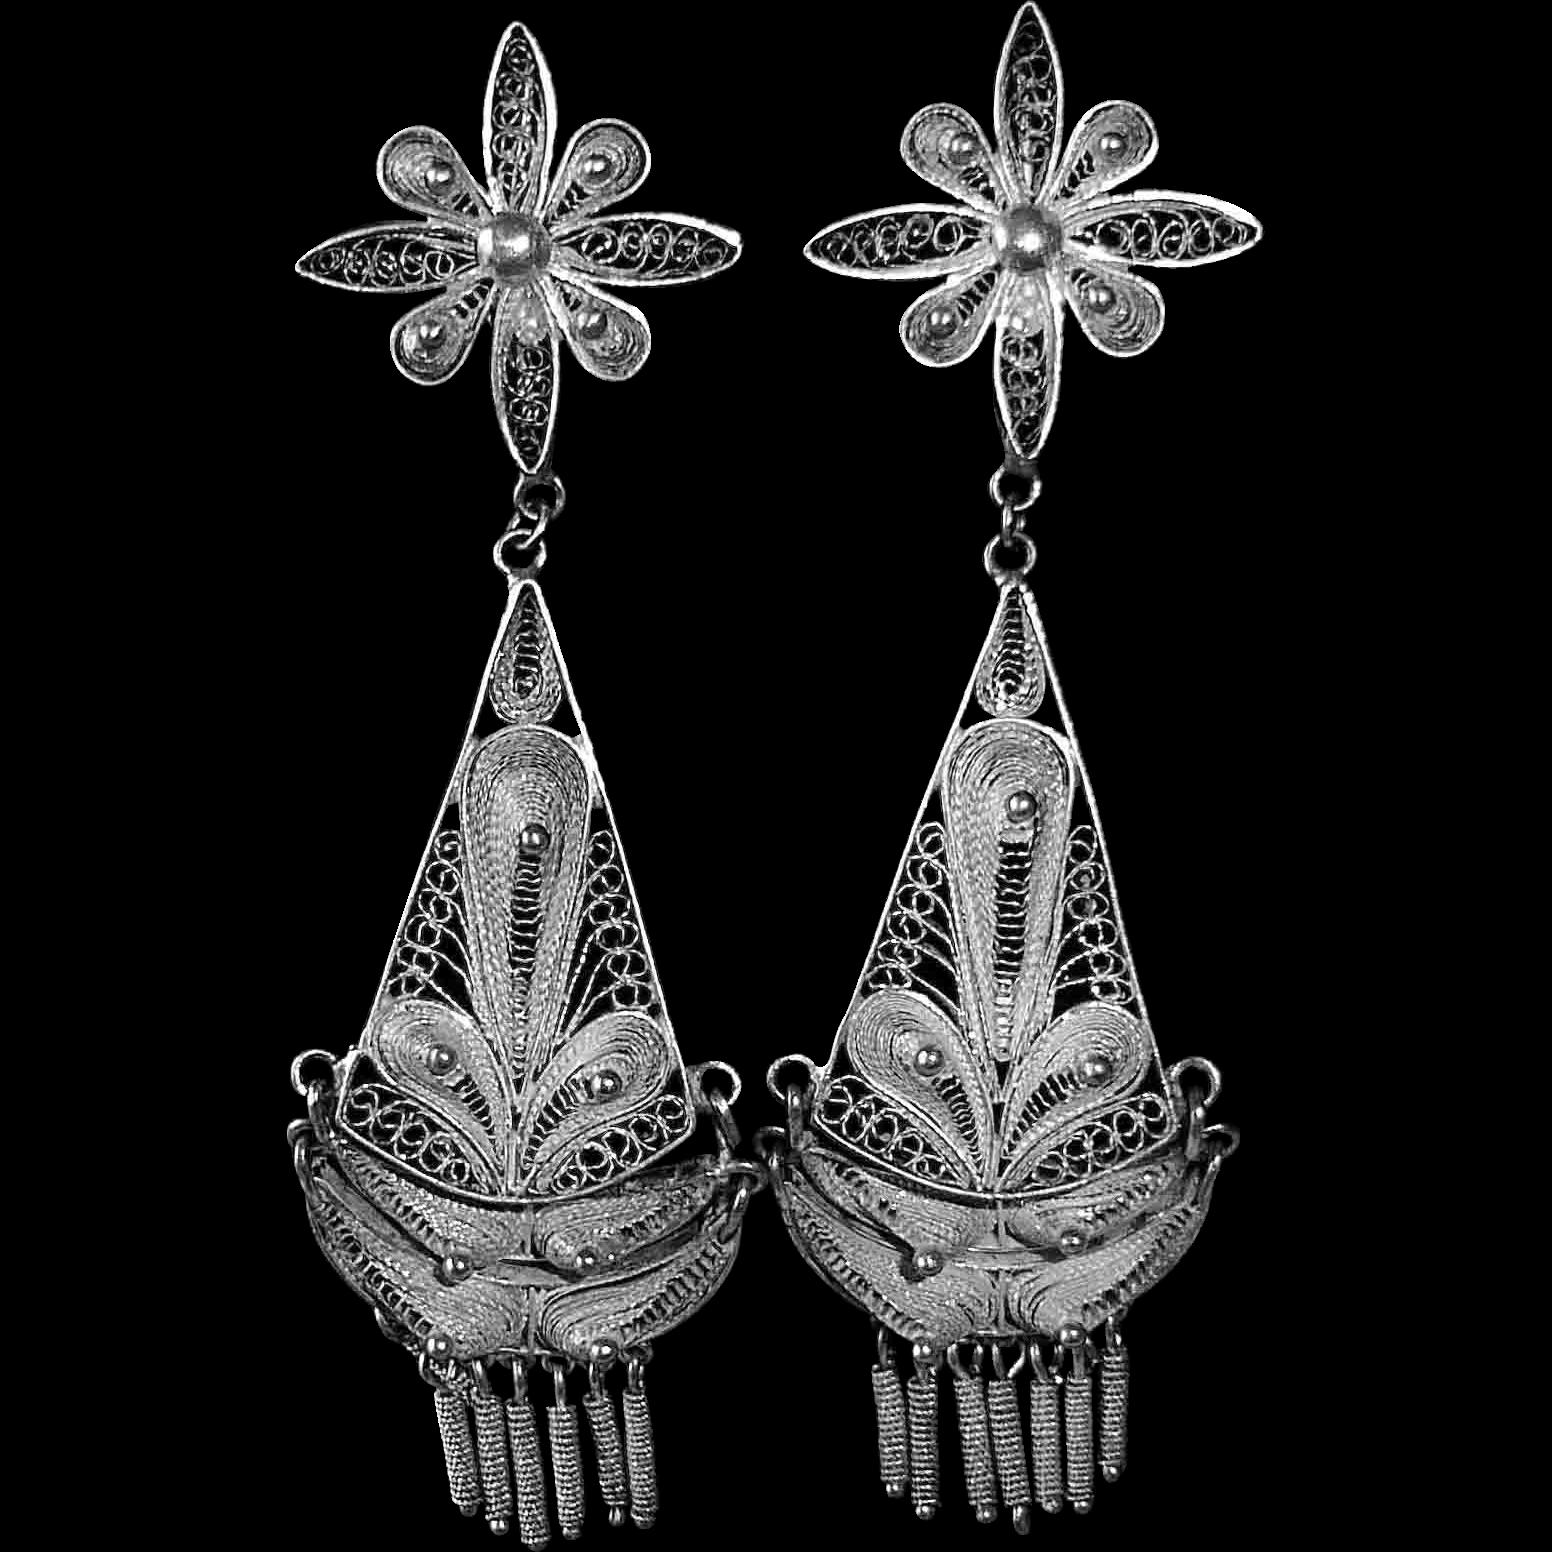 Sterling Silver Intricate Filigree Exotic Chandelier Pierced Earrings